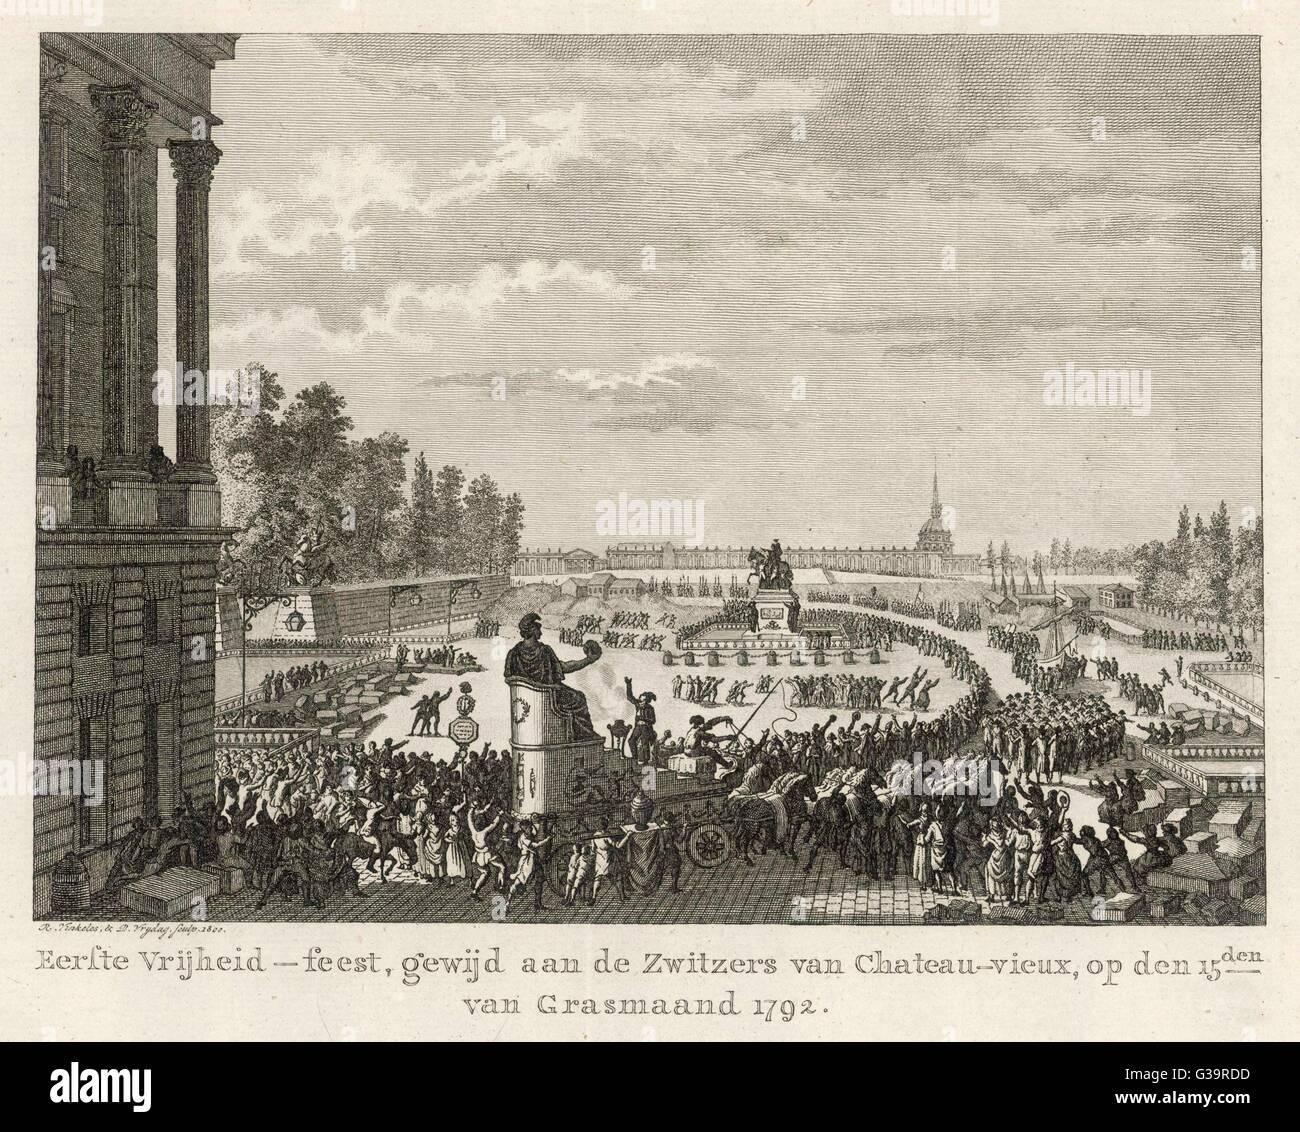 Le Festival de la liberté. Date: 15 avril 1792 Photo Stock